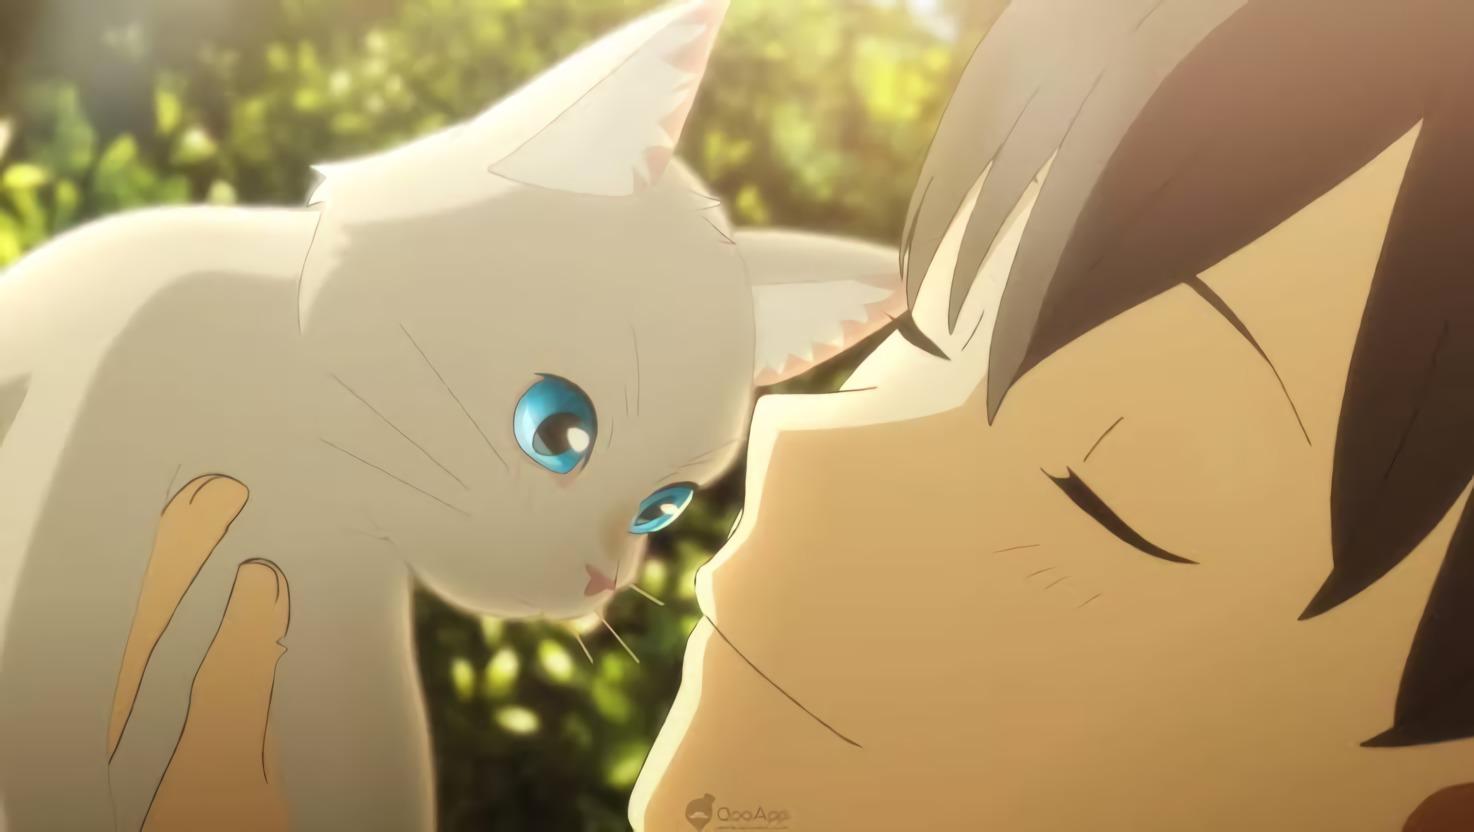 Reseña de Amor de gata, película animada de Netflix